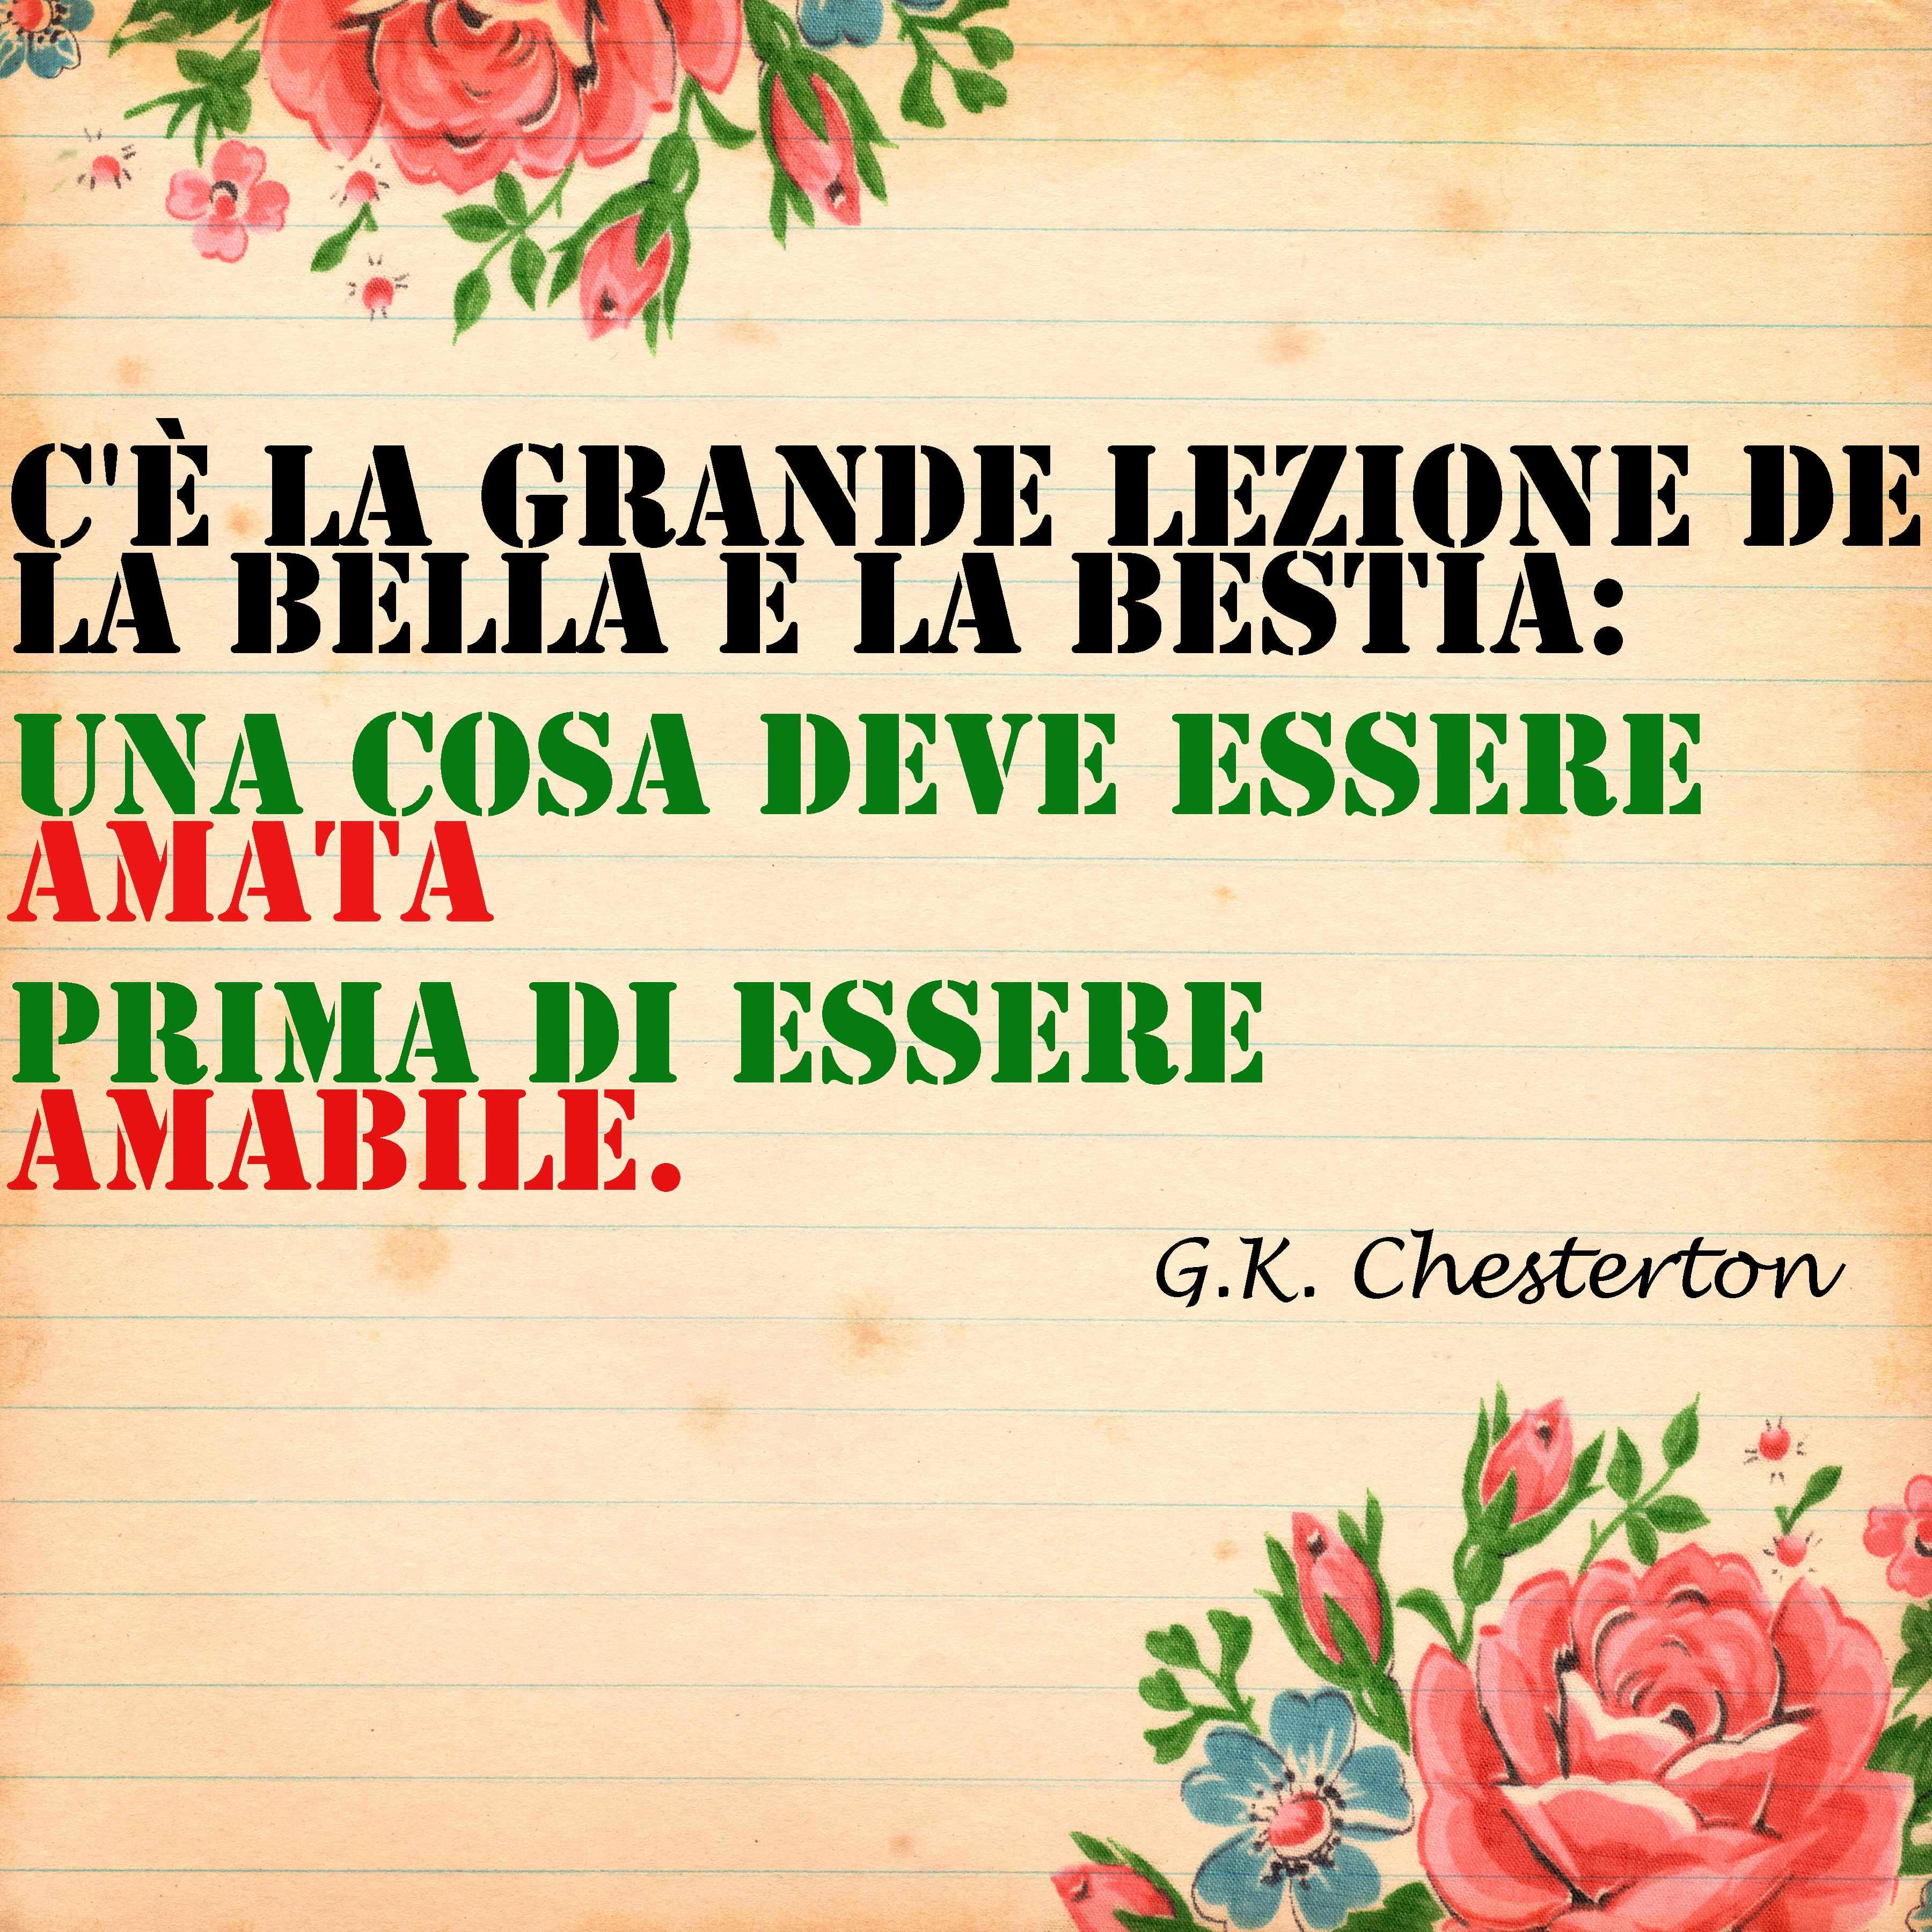 Frasi La Bella E La Bestia.Bettelheim Chesterton Cristina Campo Sulla Fiaba La Bella E La